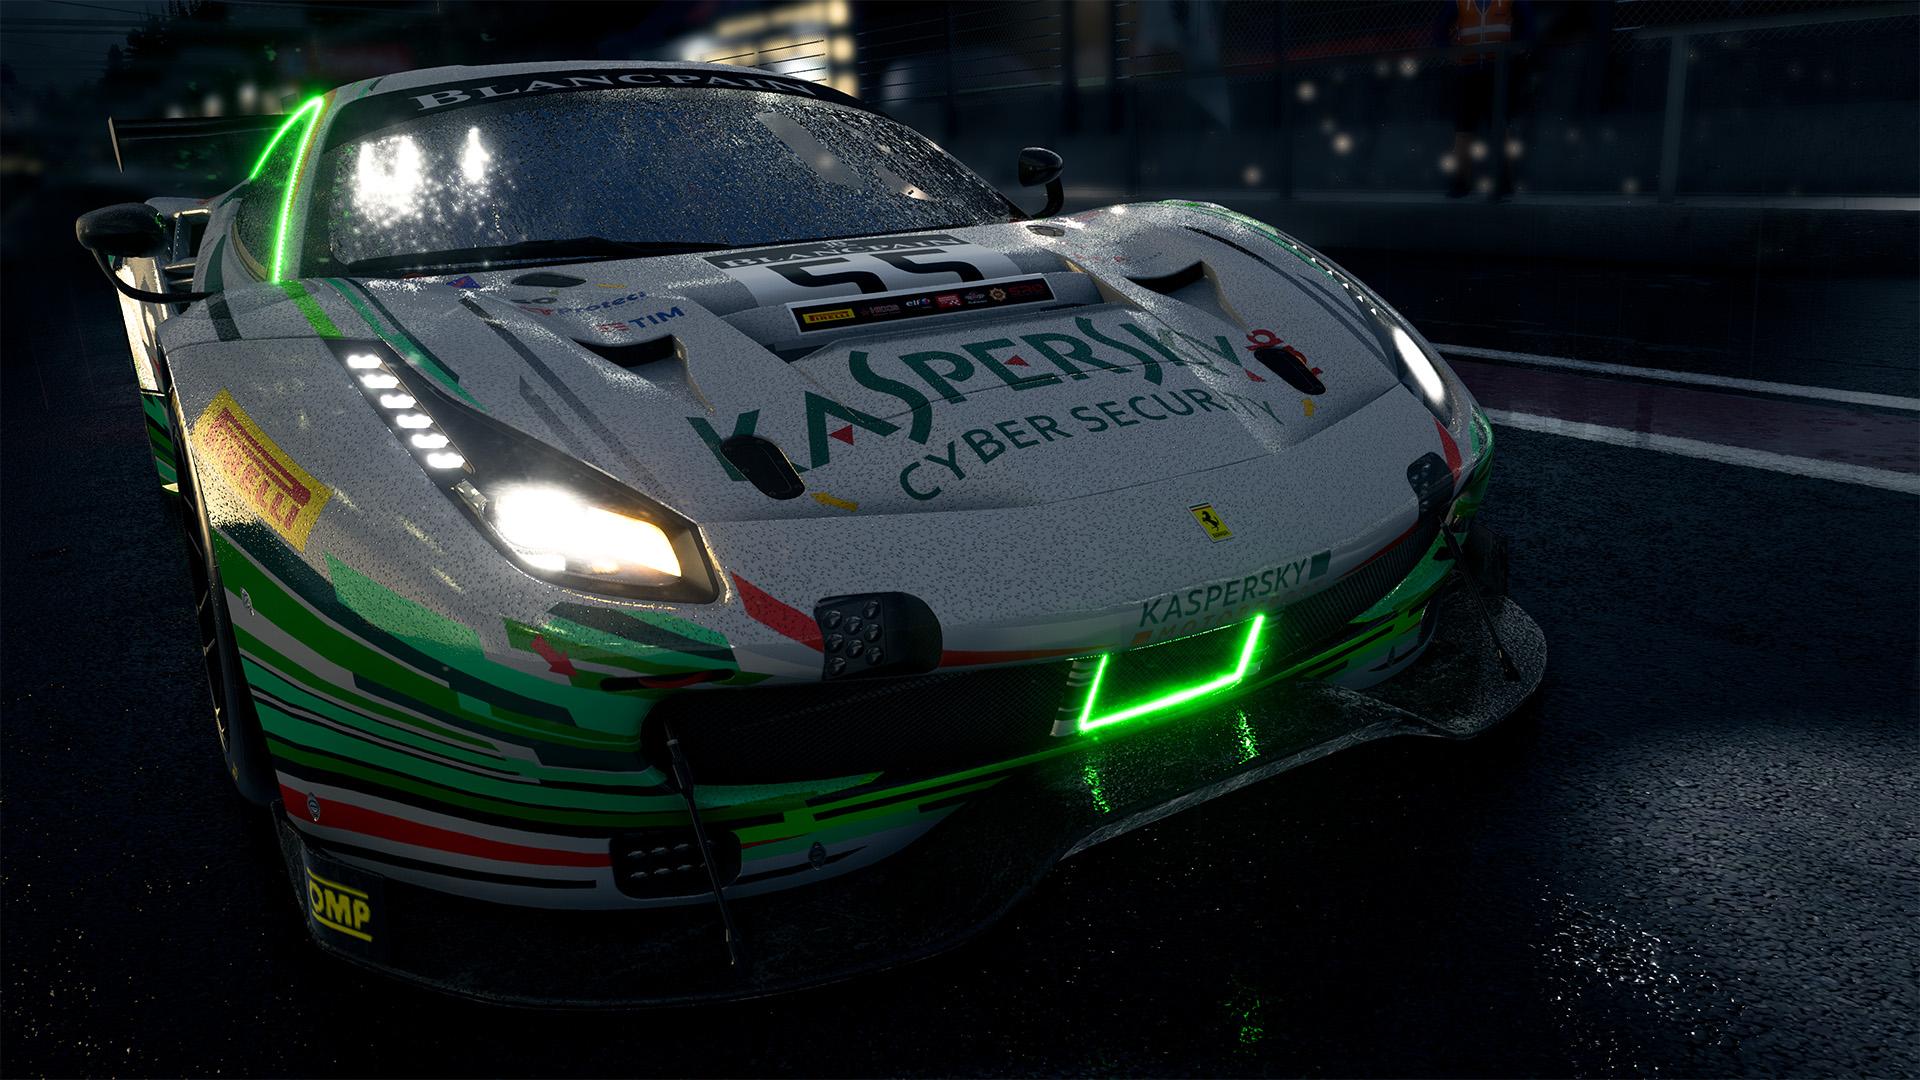 Анонсирован гоночный симулятор Assetto Corsa Competizione на Unreal Engine 4. Представлен первый трейлер